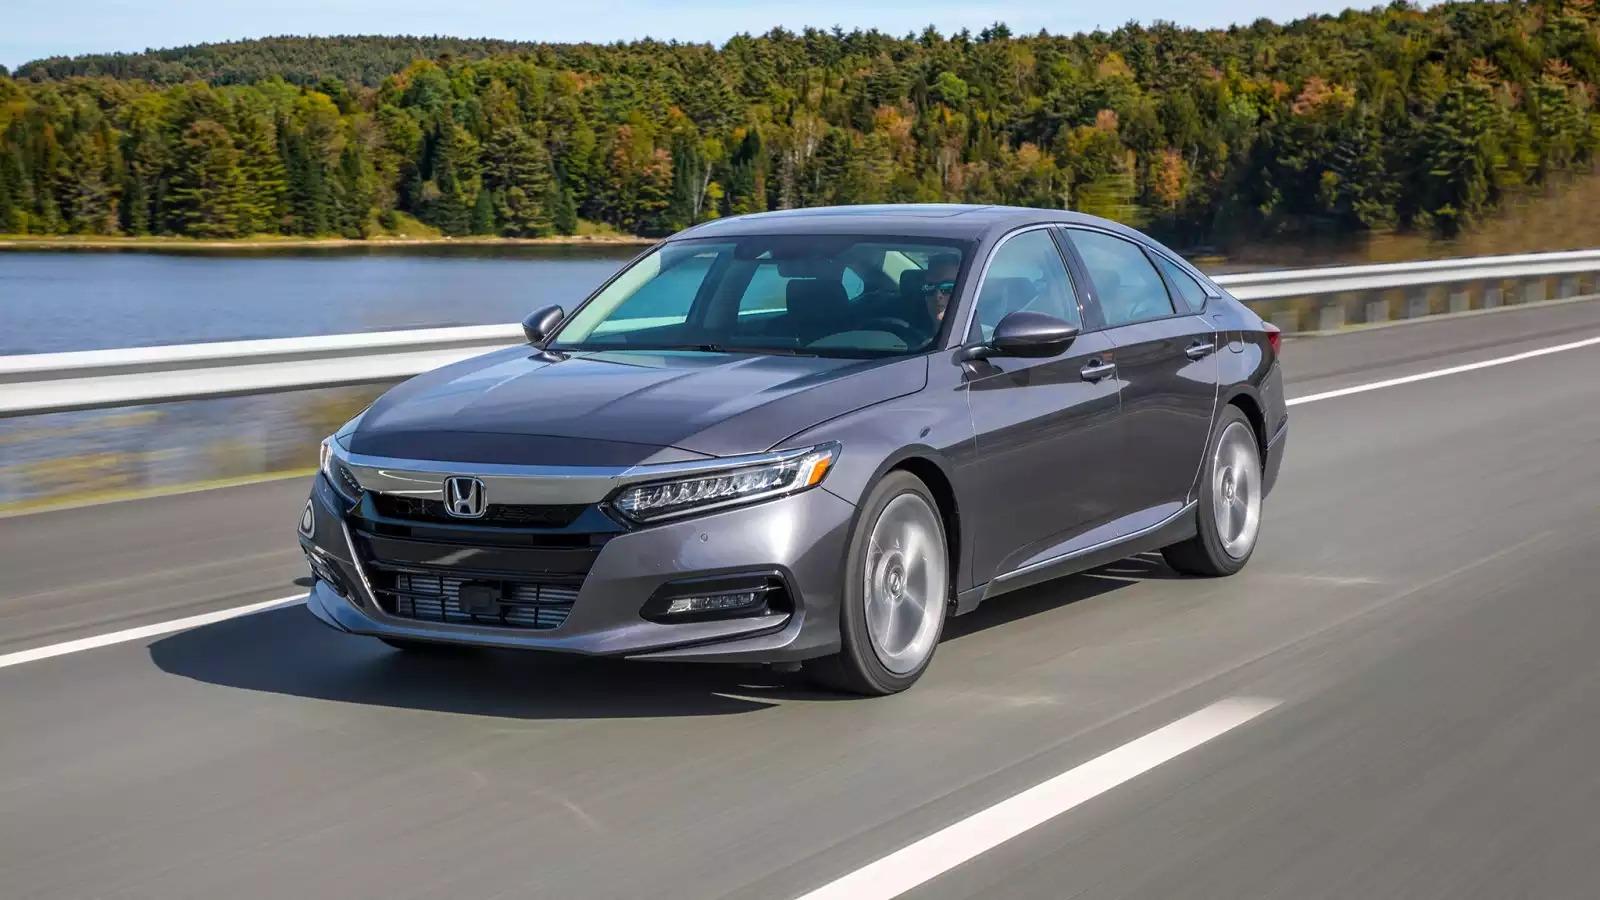 2018'in ilk yarısında dünyanın en çok satan otomobil modelleri belli oldu